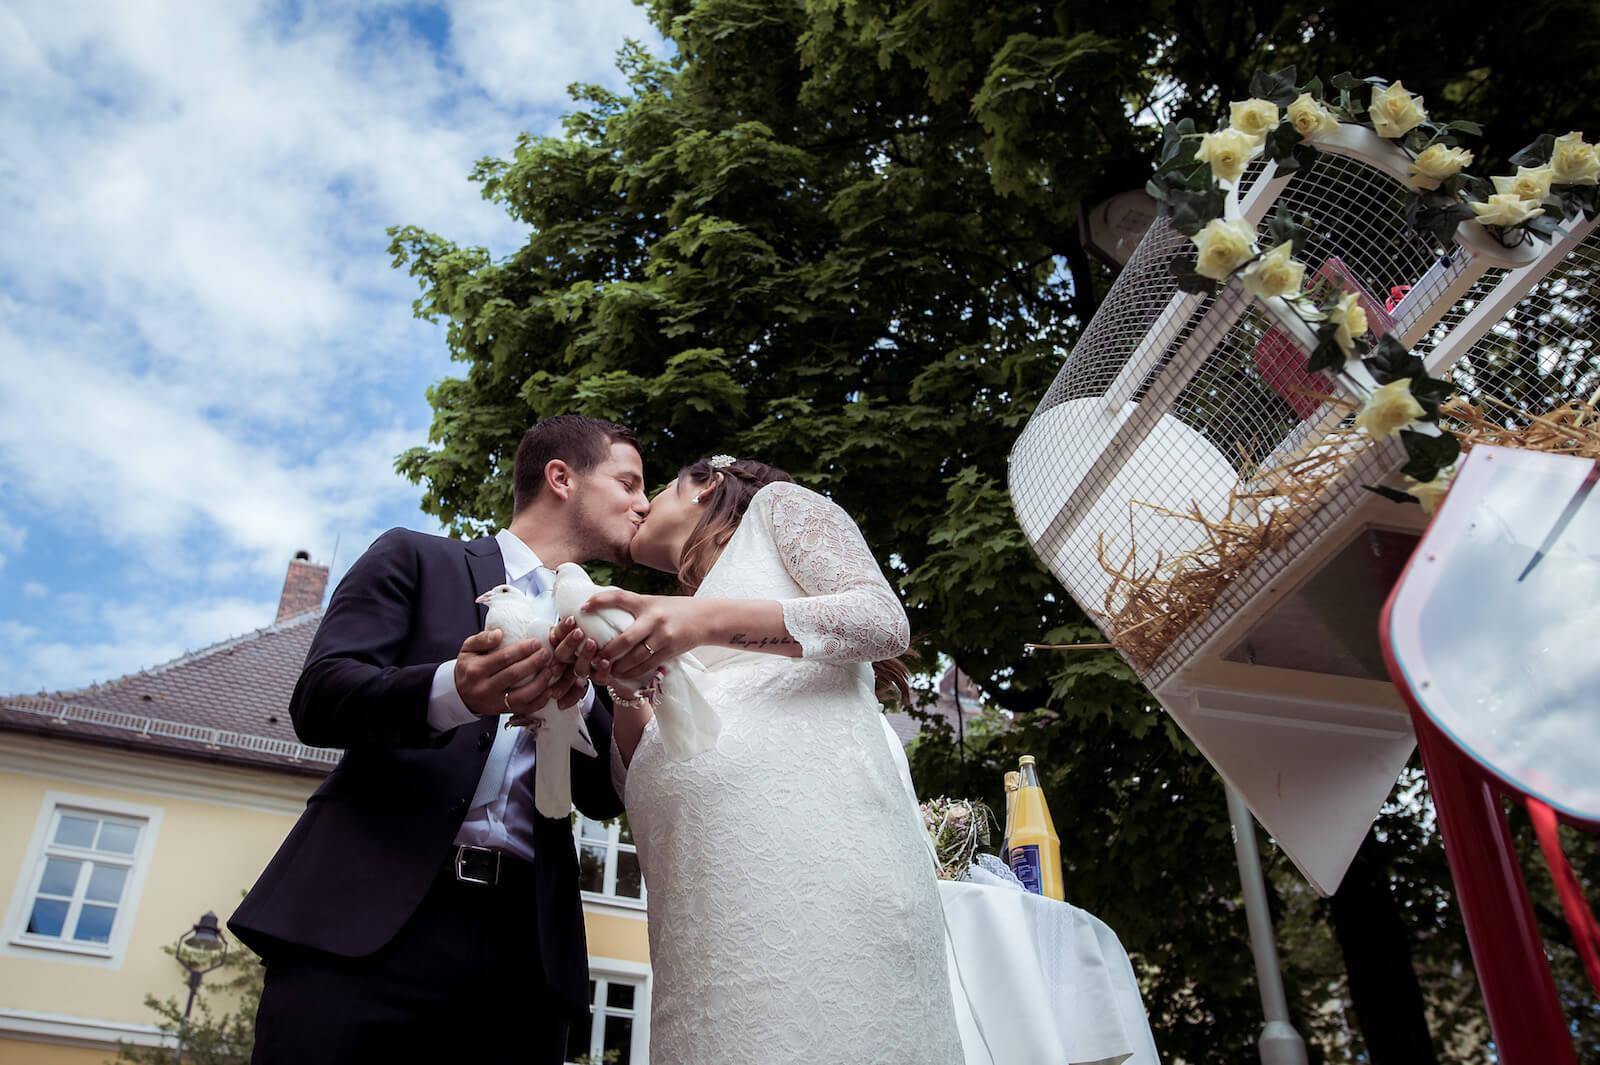 Hochzeit mit Babybauch - das Brautpaar mit weißen Tauben in der Hand